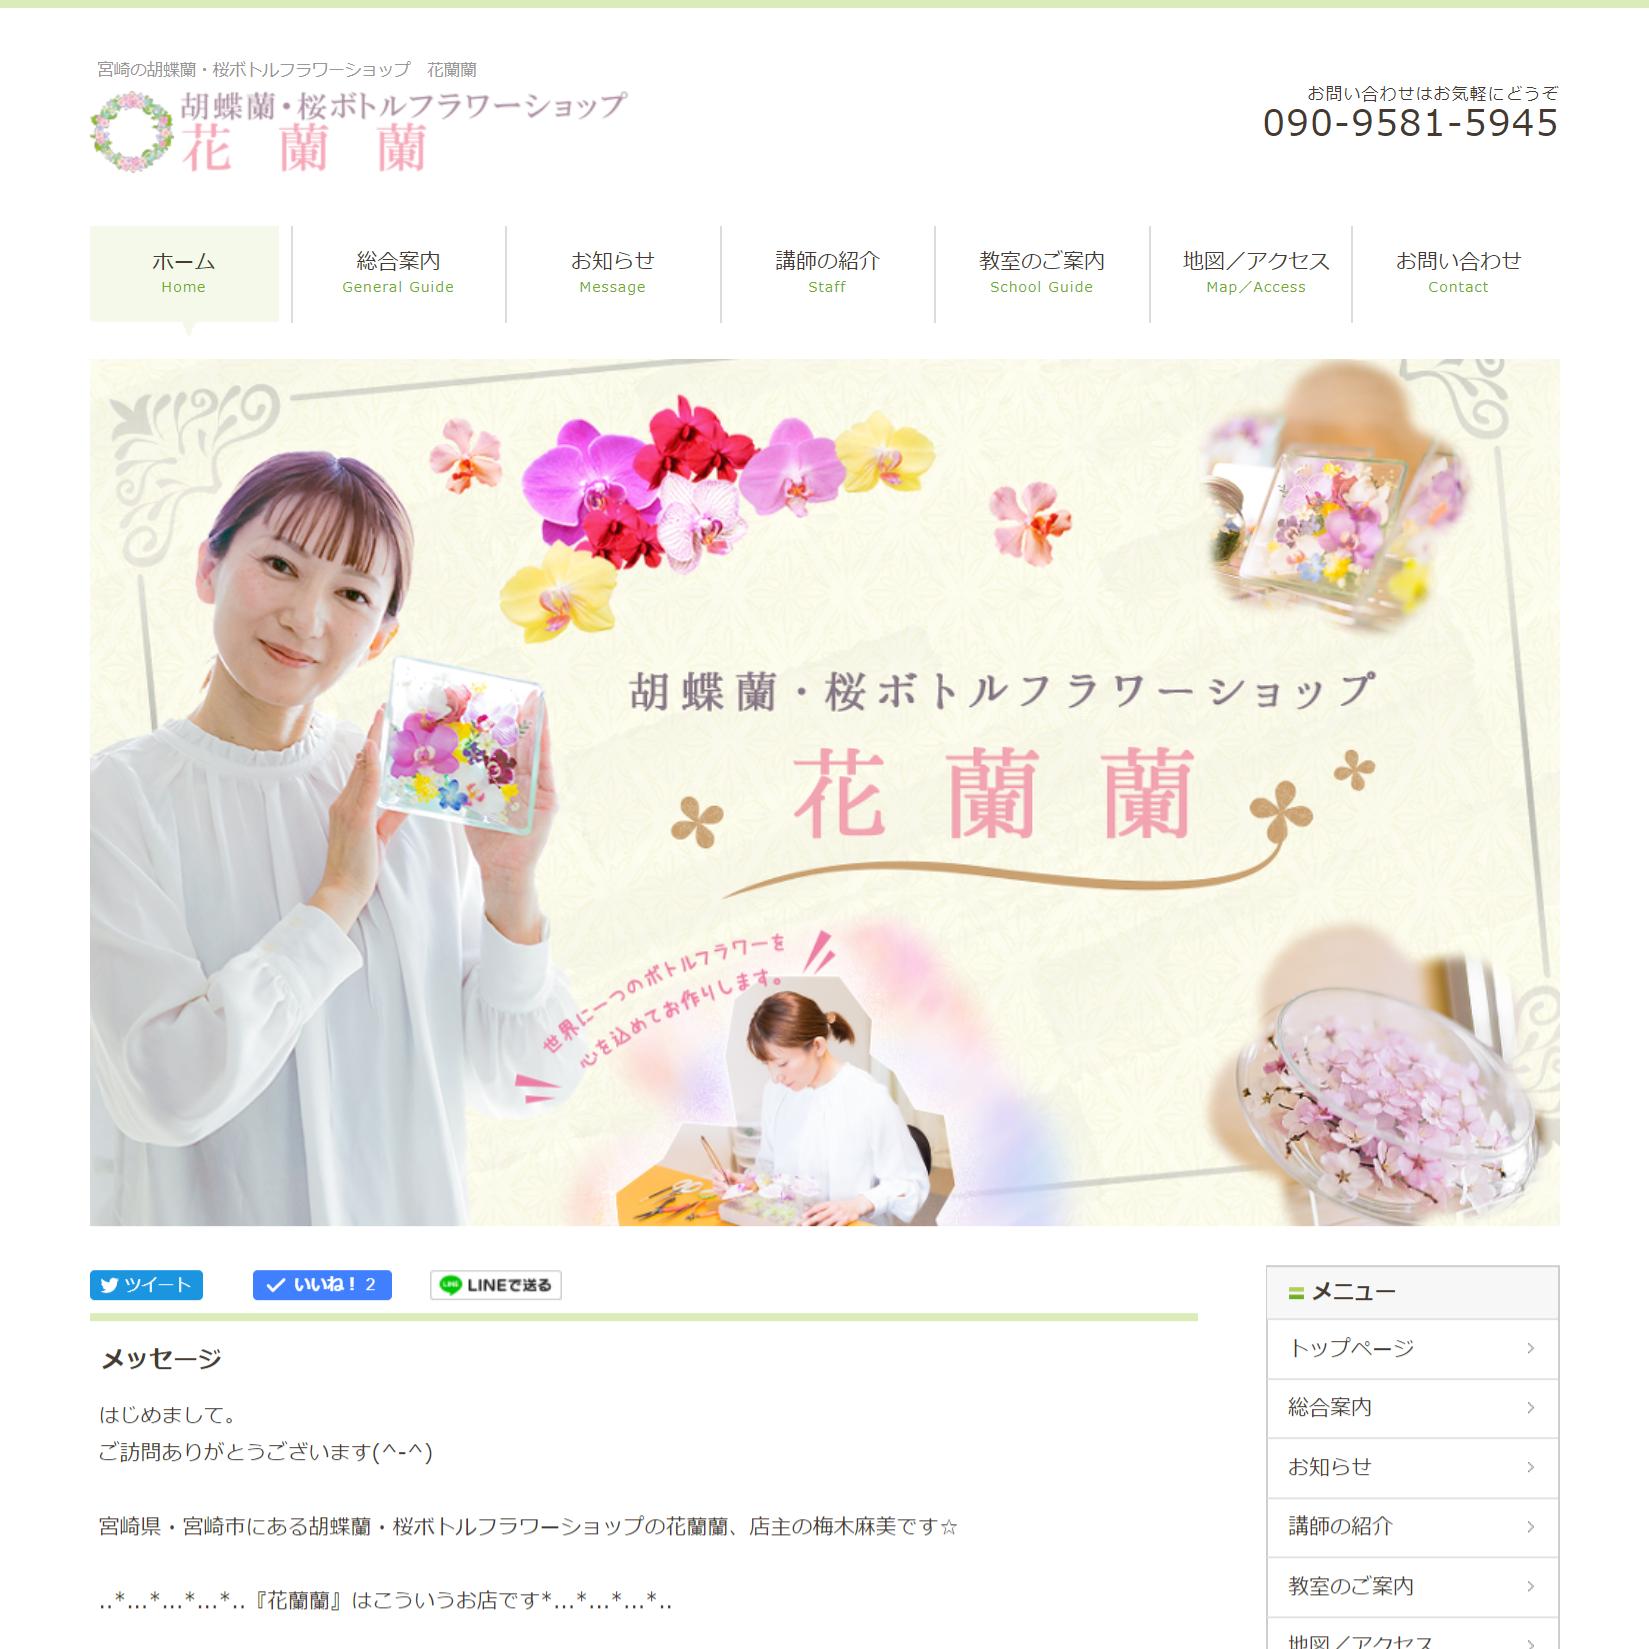 宮崎の胡蝶蘭・桜ボトルフラワーショップ 花蘭蘭